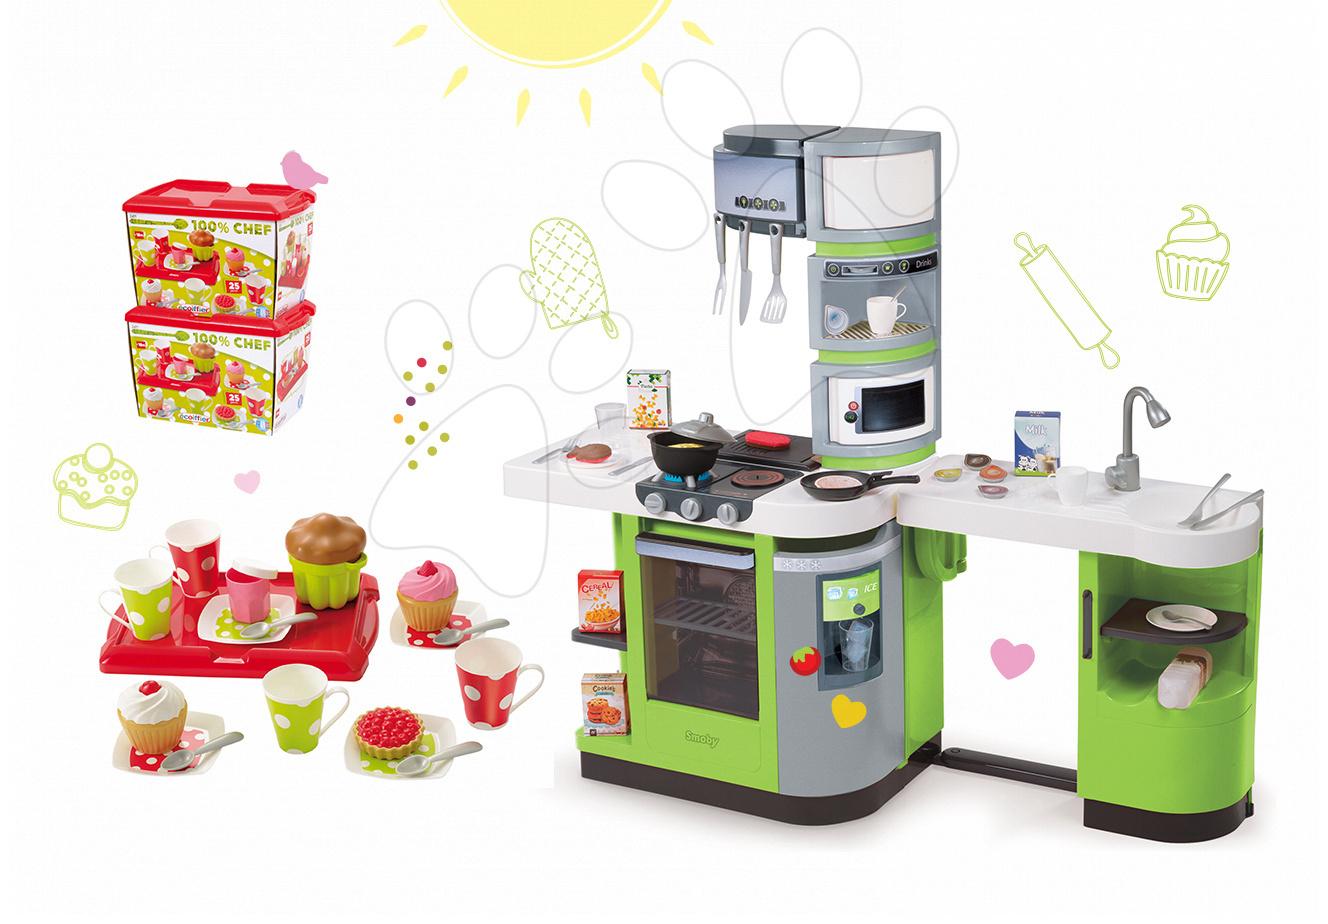 Kuchynky pre deti sety - Set kuchynka CookMaster Verte Smoby s ľadom a zvukmi a čajová súprava s táckou